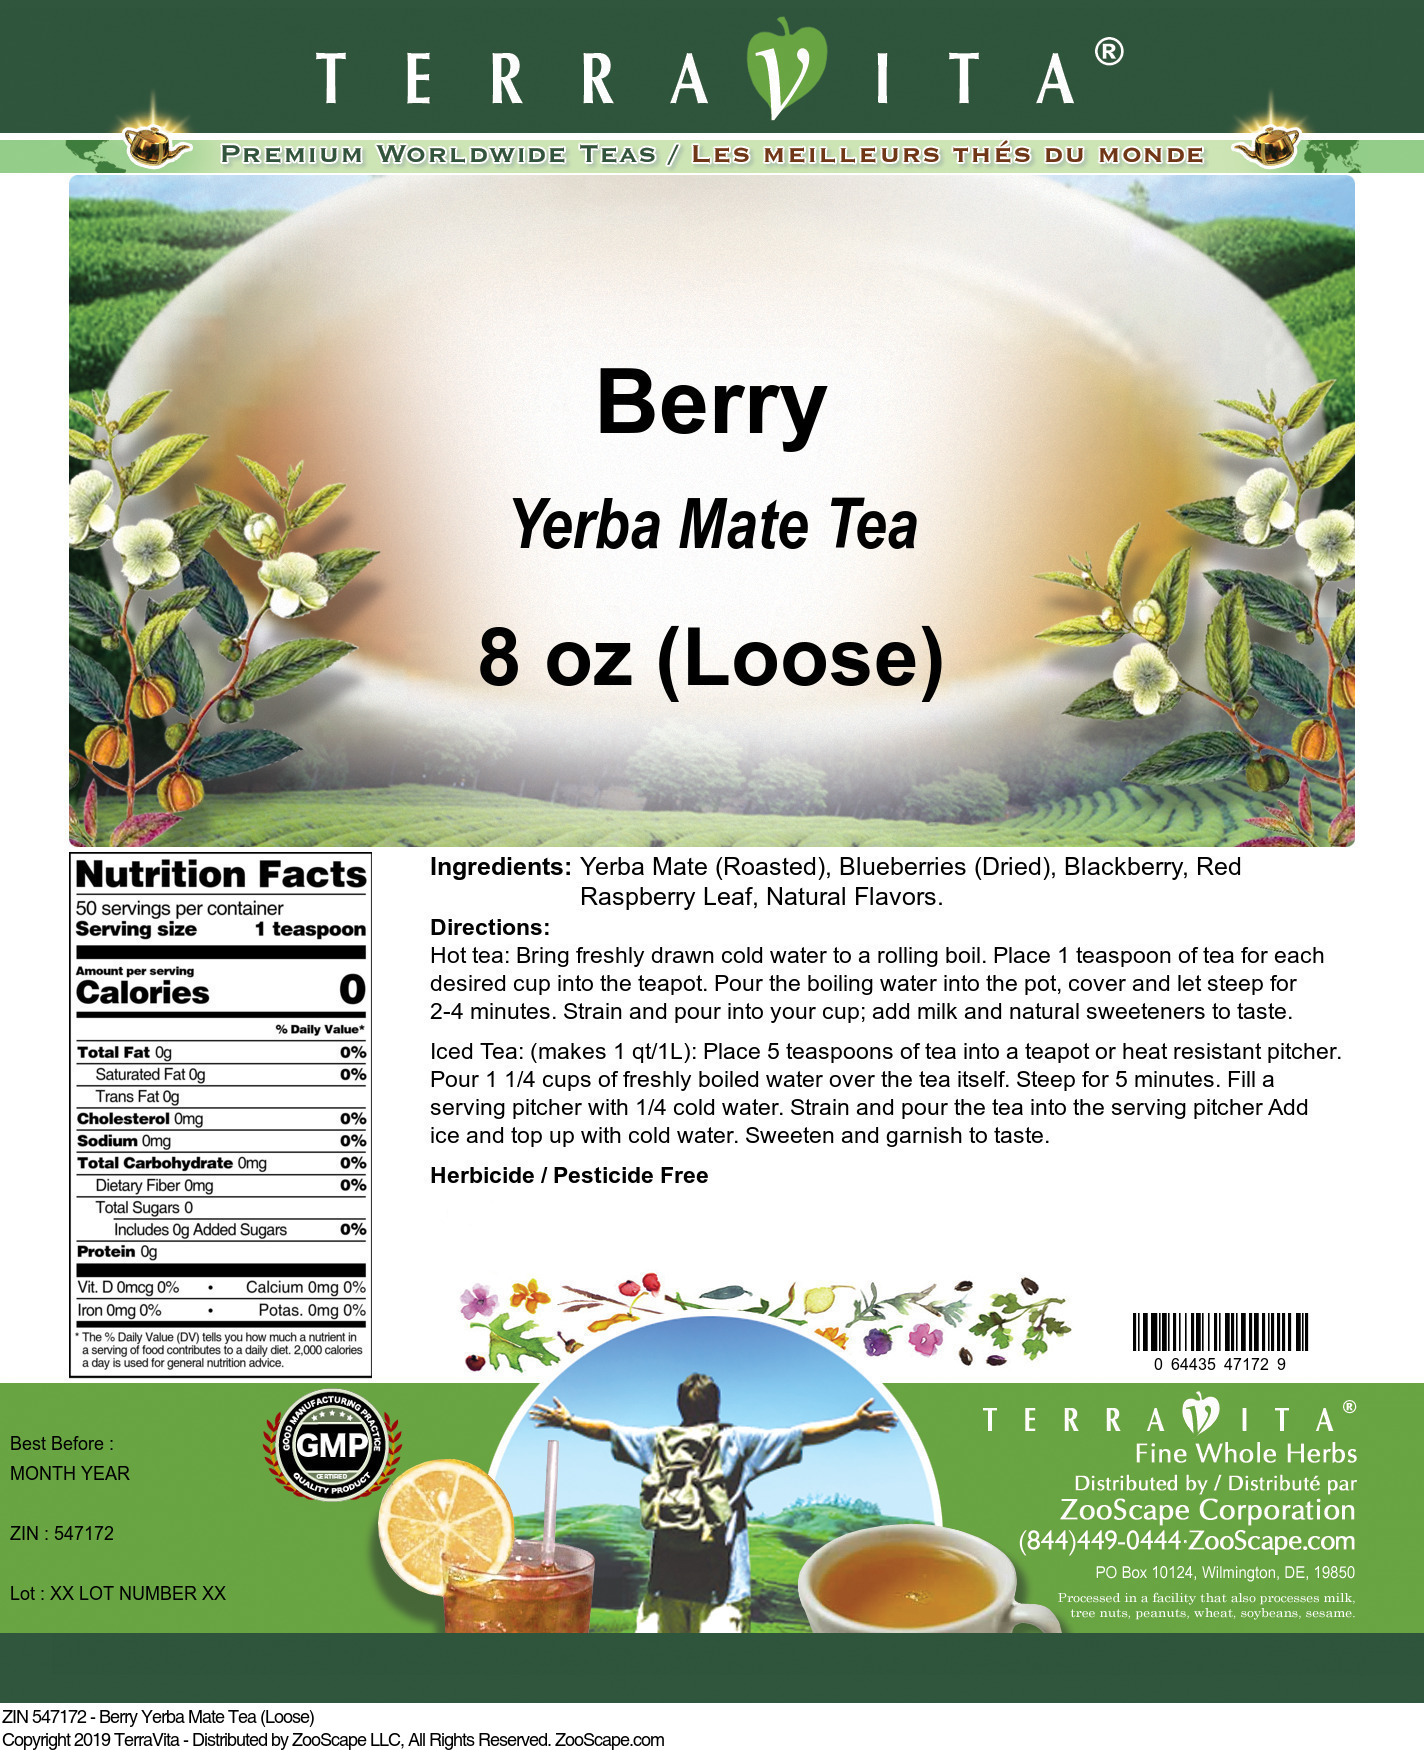 Berry Yerba Mate